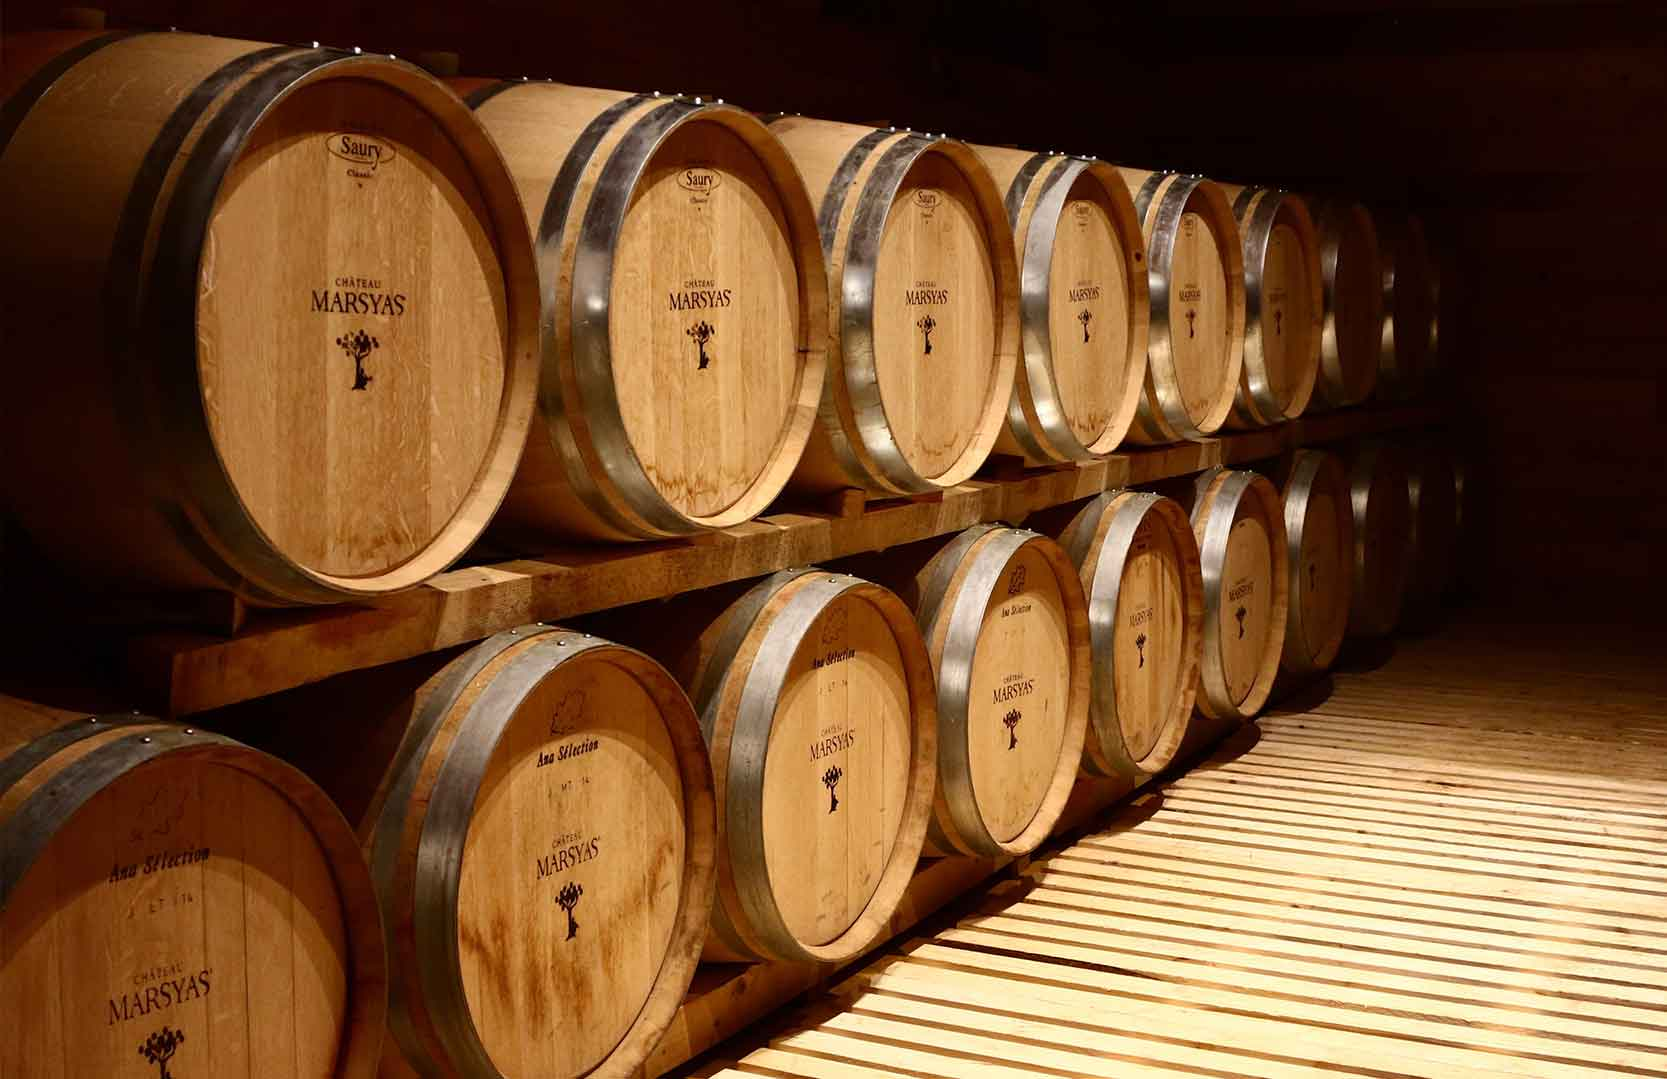 Barriques des libanesischen Weingutes Chateau Marsyas